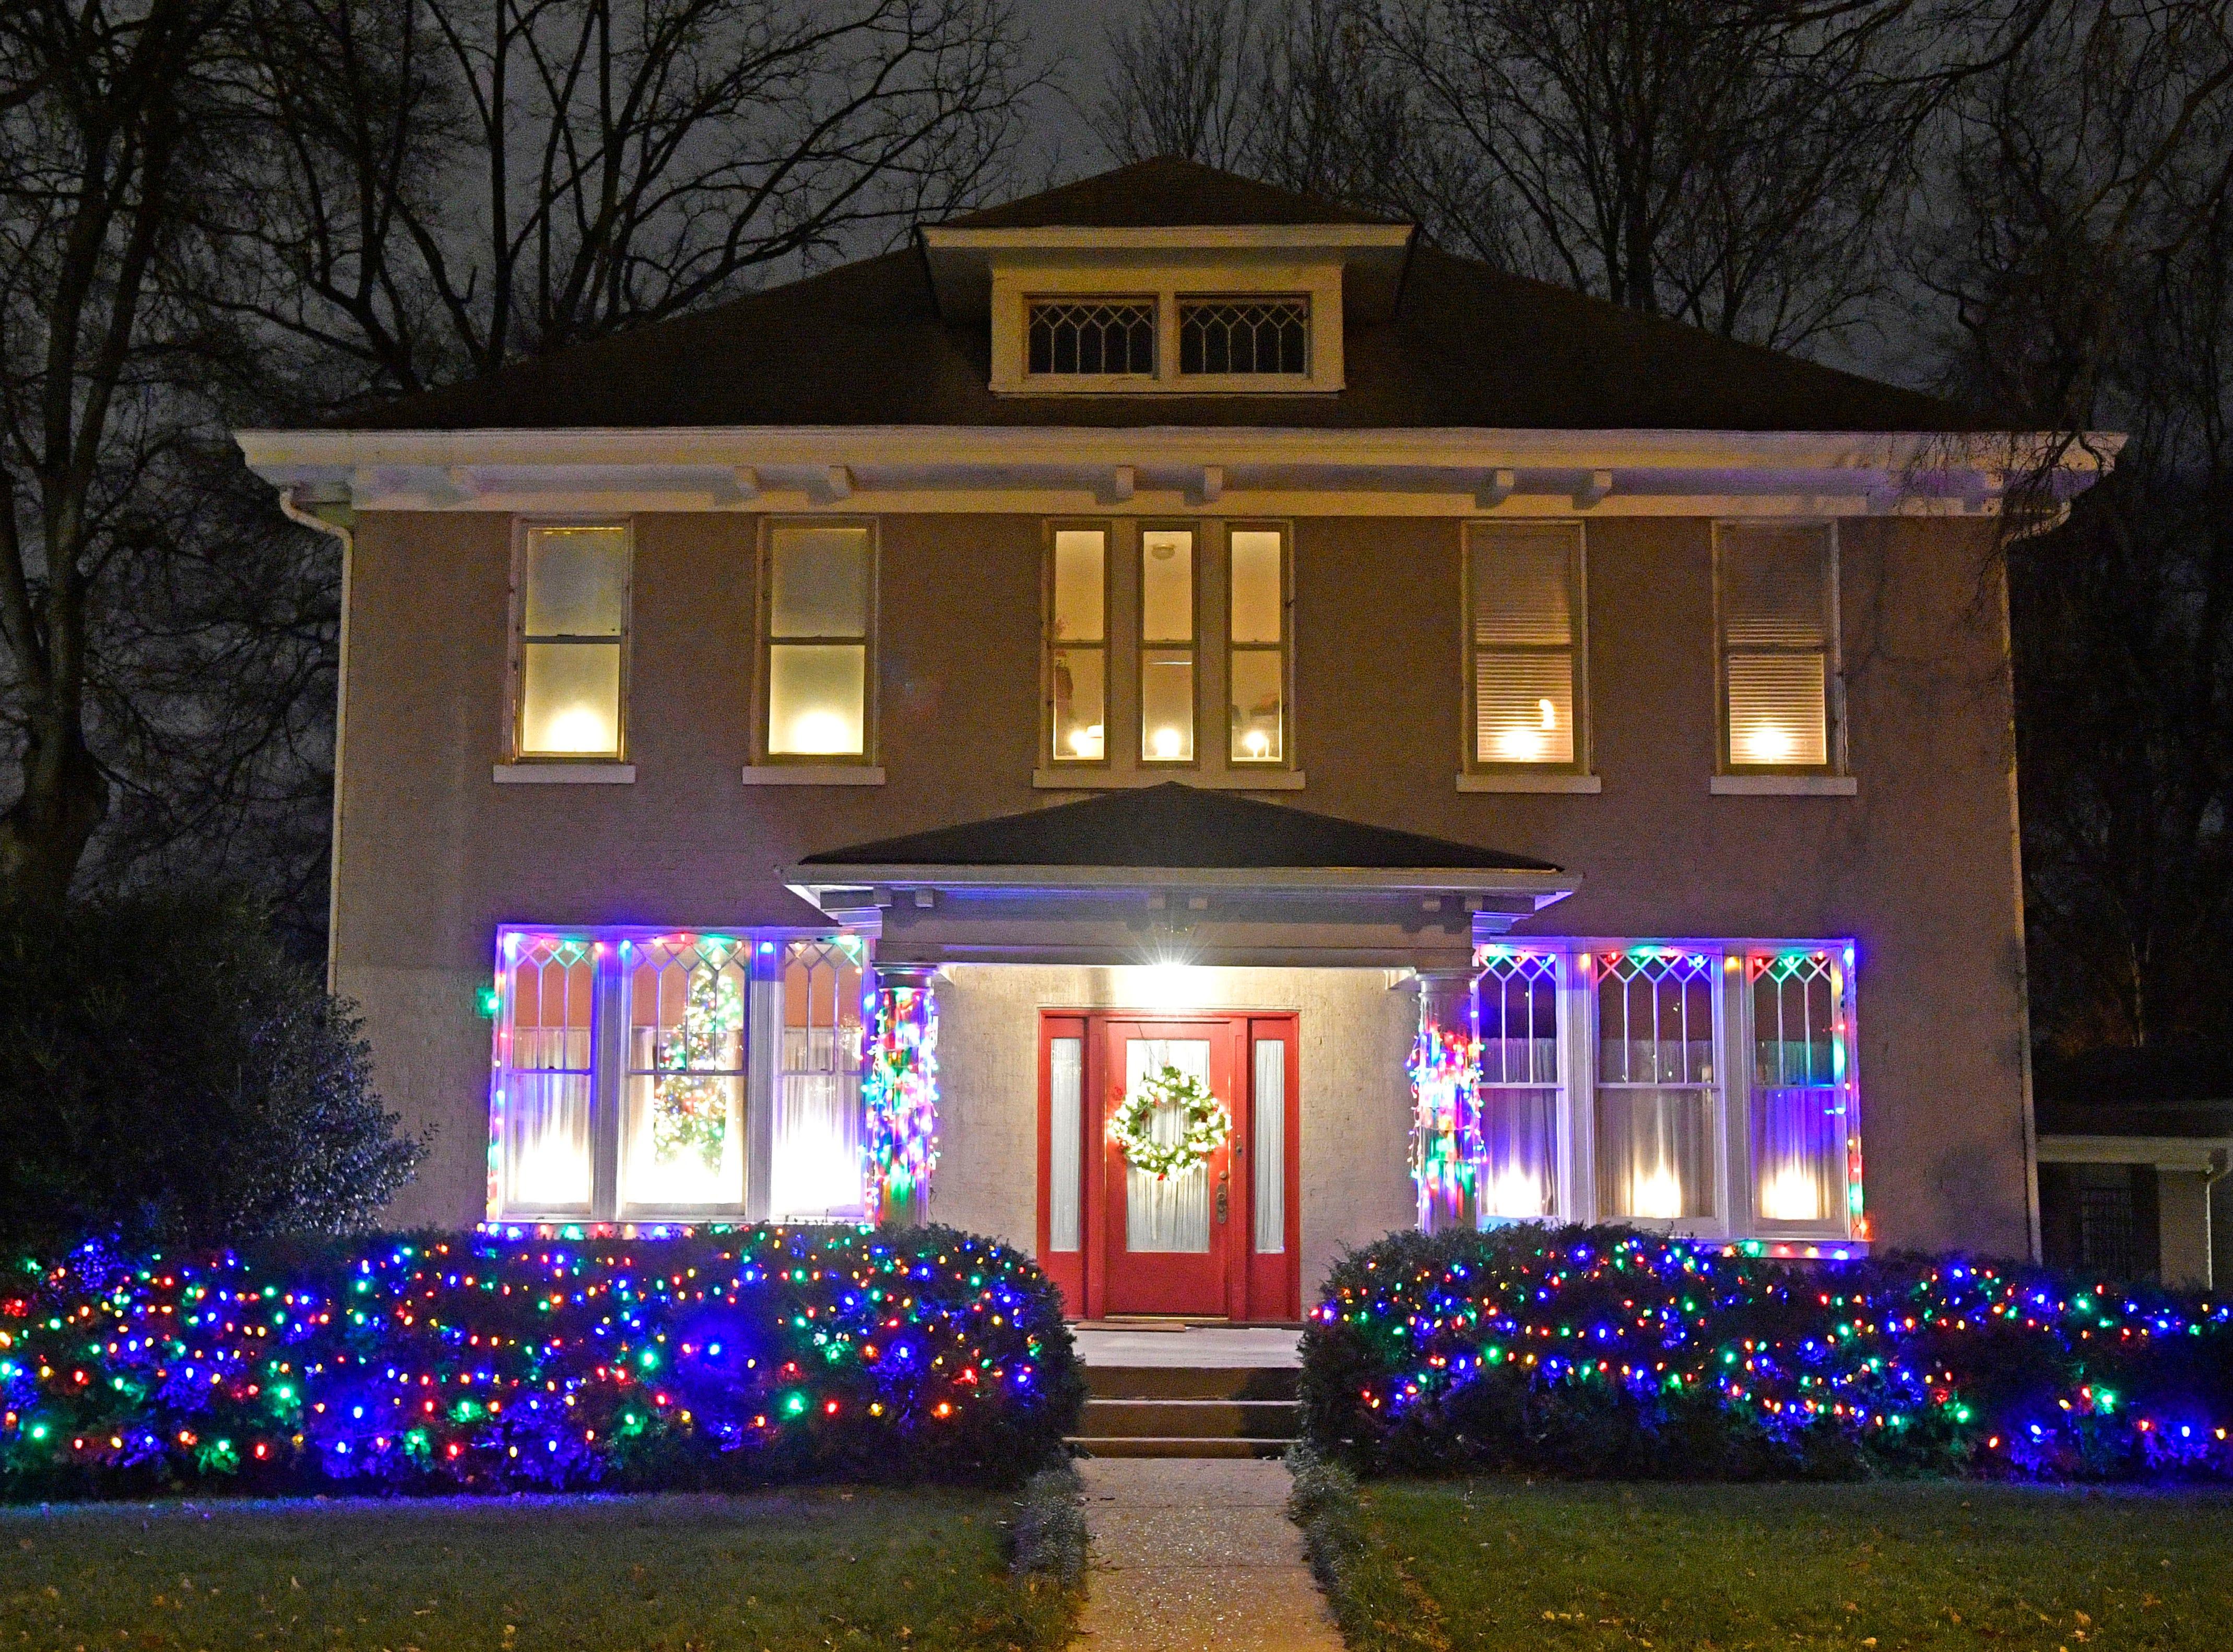 Christmas lights on Westmoreland Thursday Dec. 6, 2018, in Nashville, Tenn.